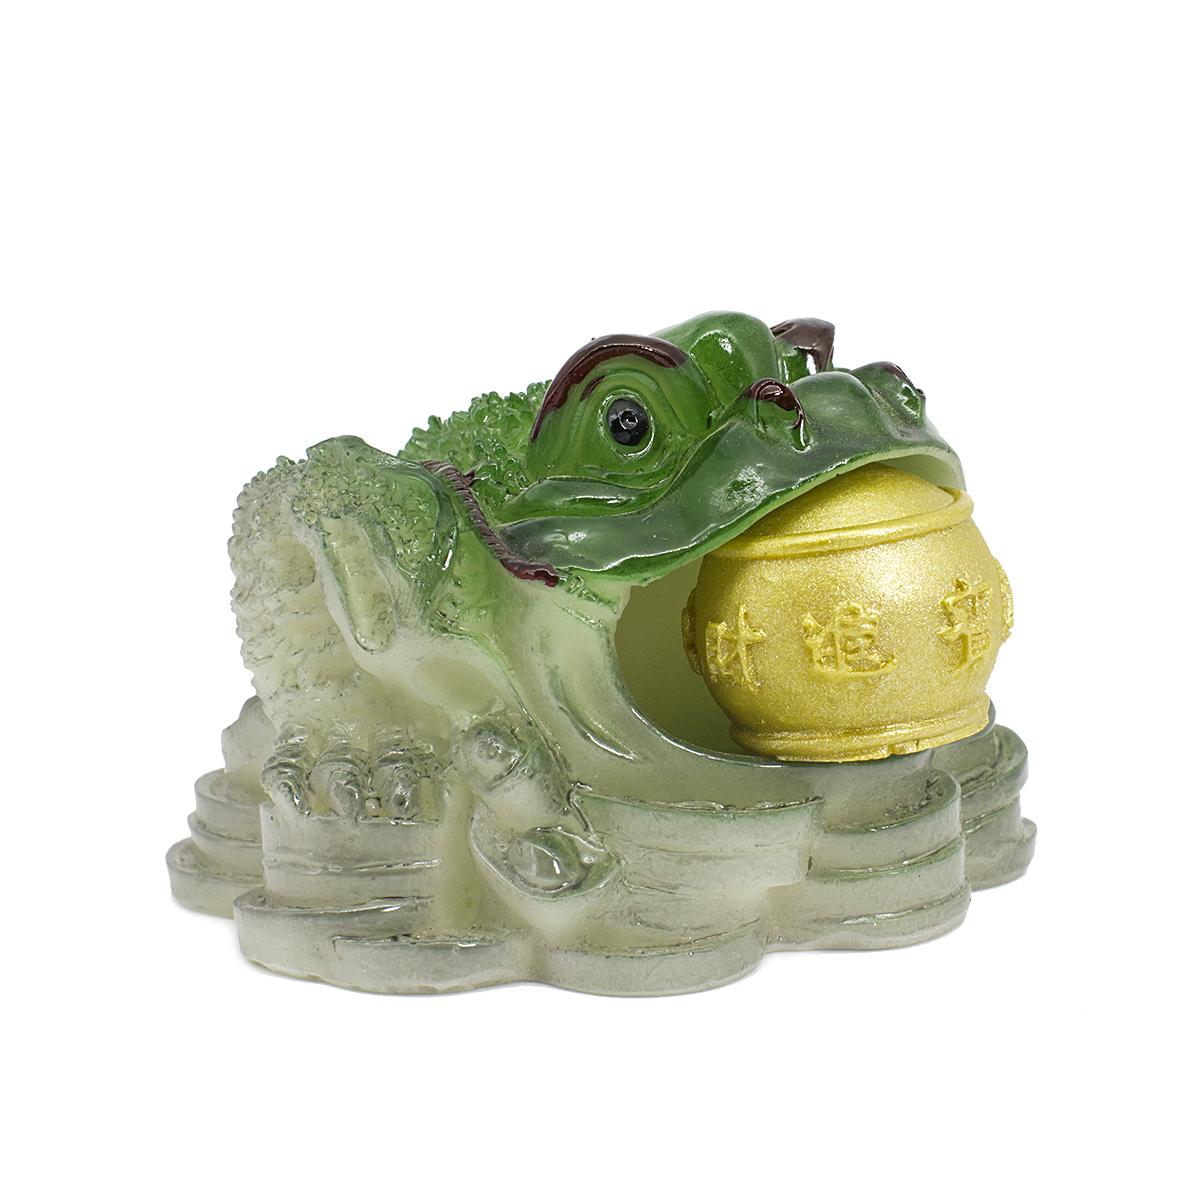 """Купить со скидкой Чайная фигурка, меняющая цвет """"Земляная жаба с шаром"""", 7,5 см"""